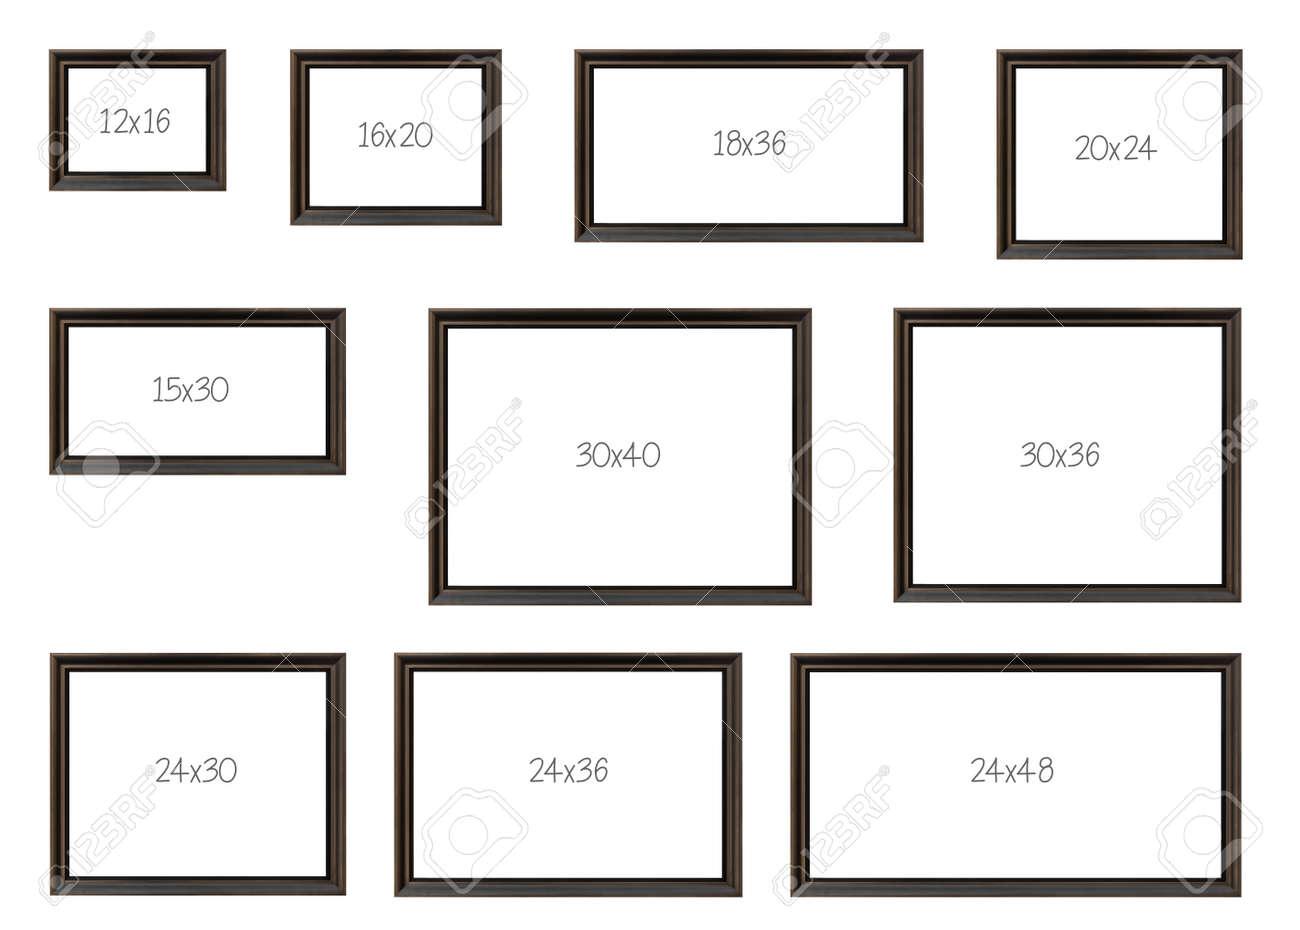 Los Diez Más Populares Dimensiones De Venta Fotogramas De Un Modelo ...